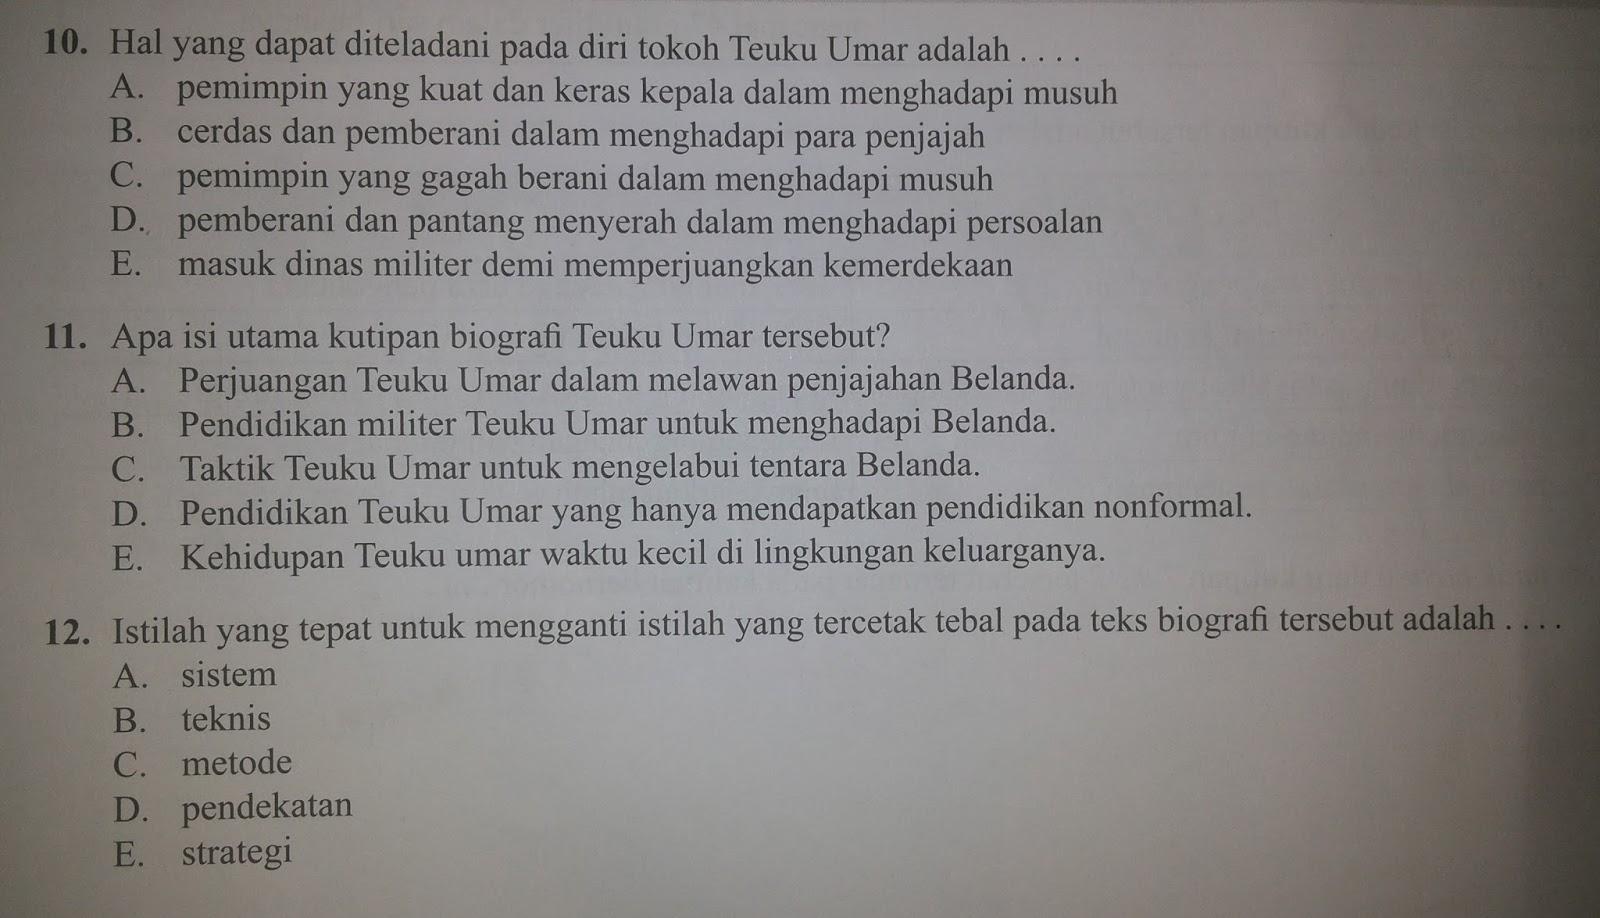 Bahasa Indonesia Soal Simulasi Un 2016 Bahasa Indonesia 10 21